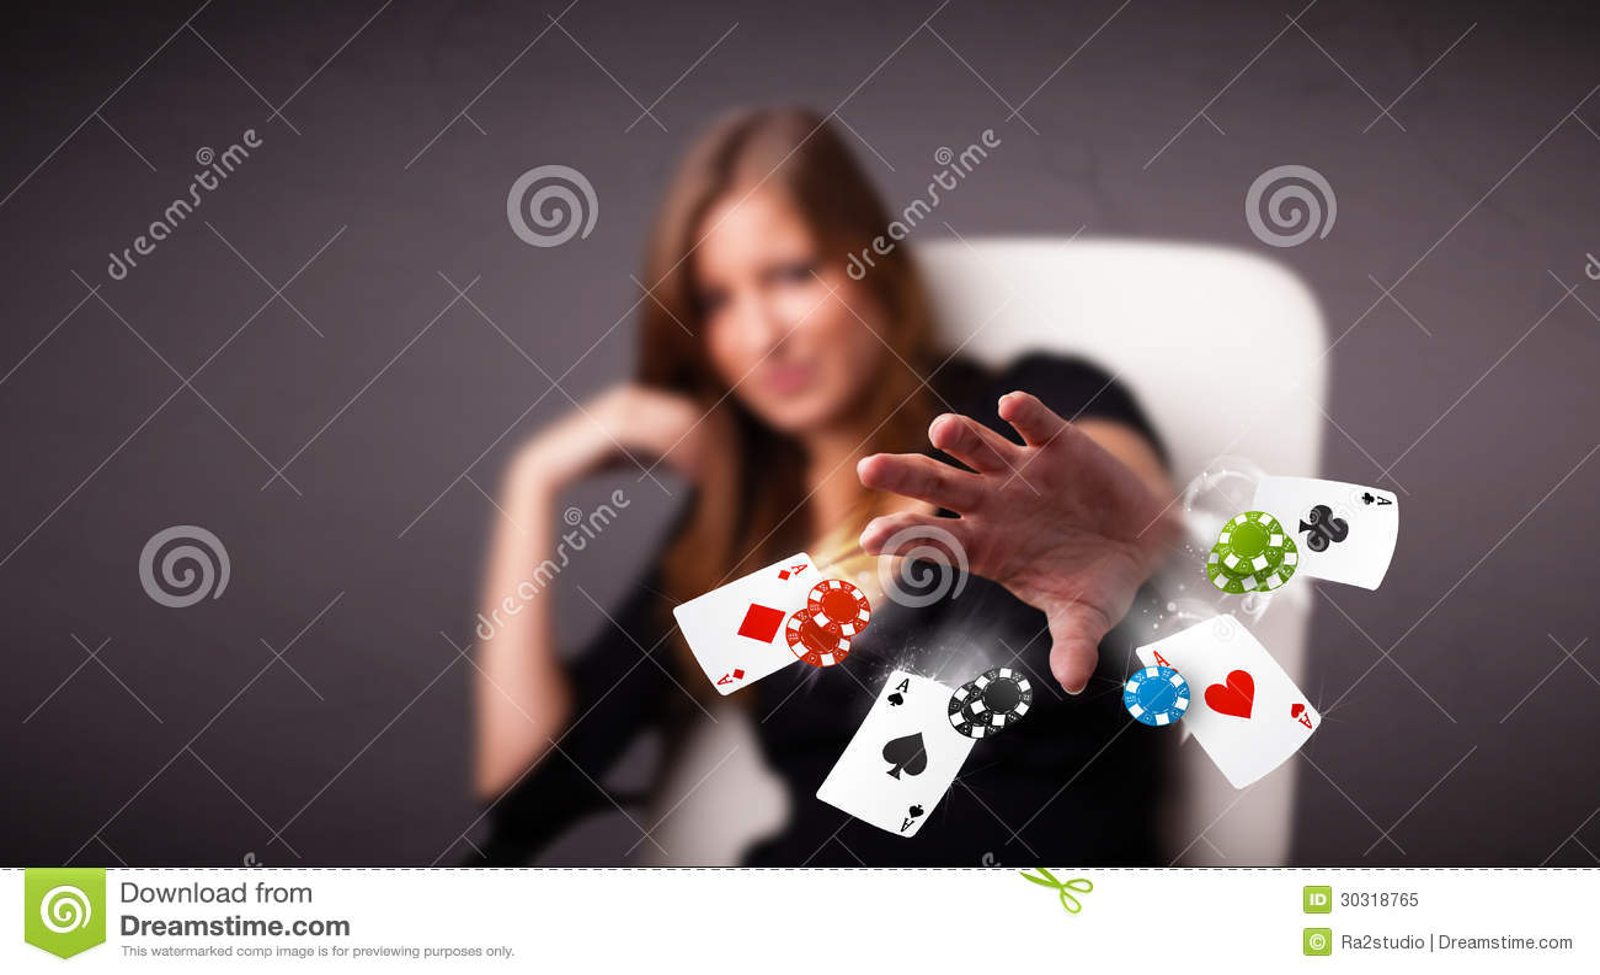 Я проигралась в карты, Как меня в первый раз проиграли в карты. - Мой Первый 27 фотография